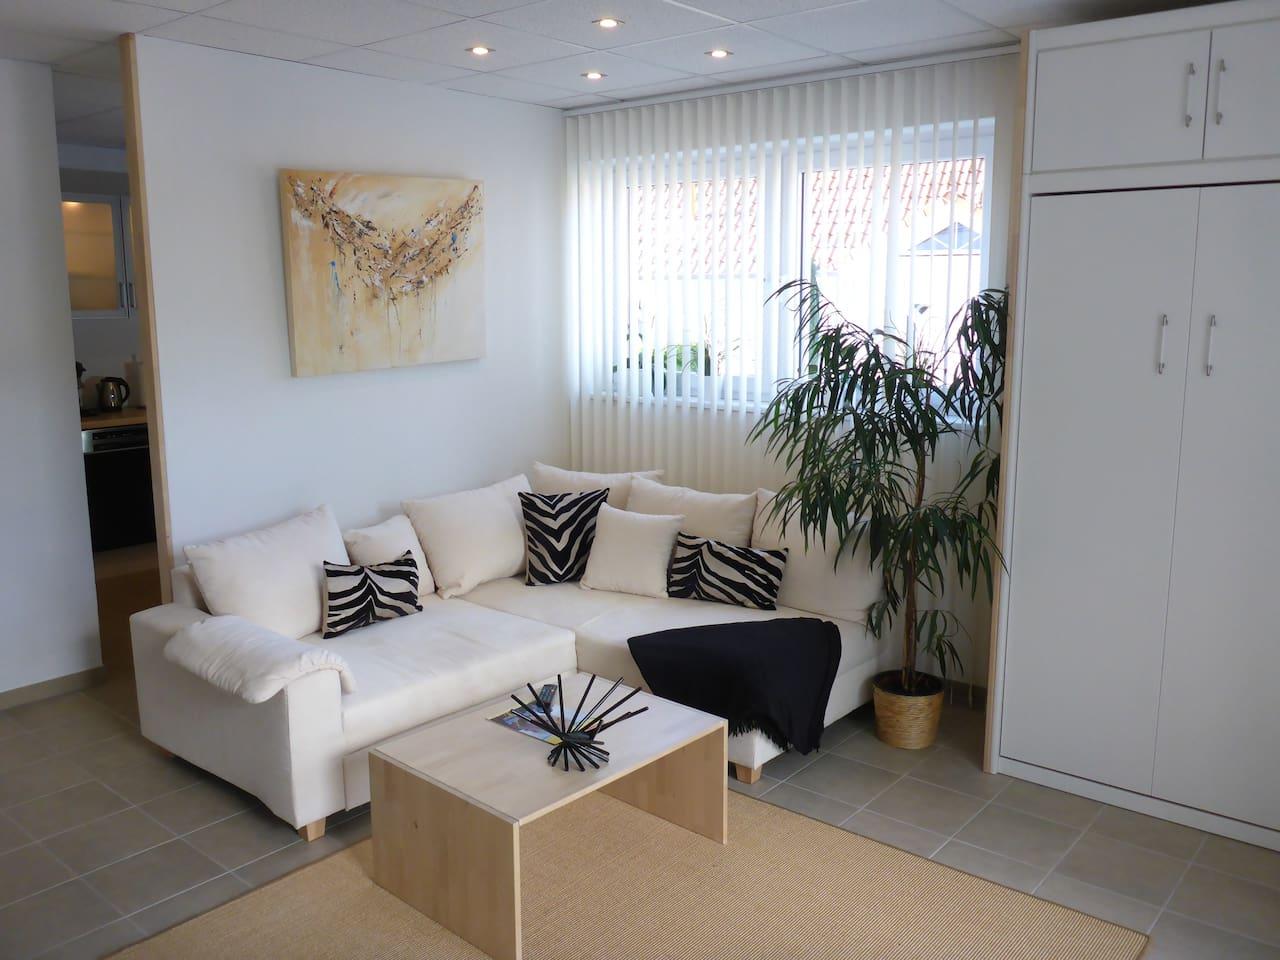 Gästeappartement - Wohnraum mit Wohnlandschaft (Doppelbett) und Schrankklappbett